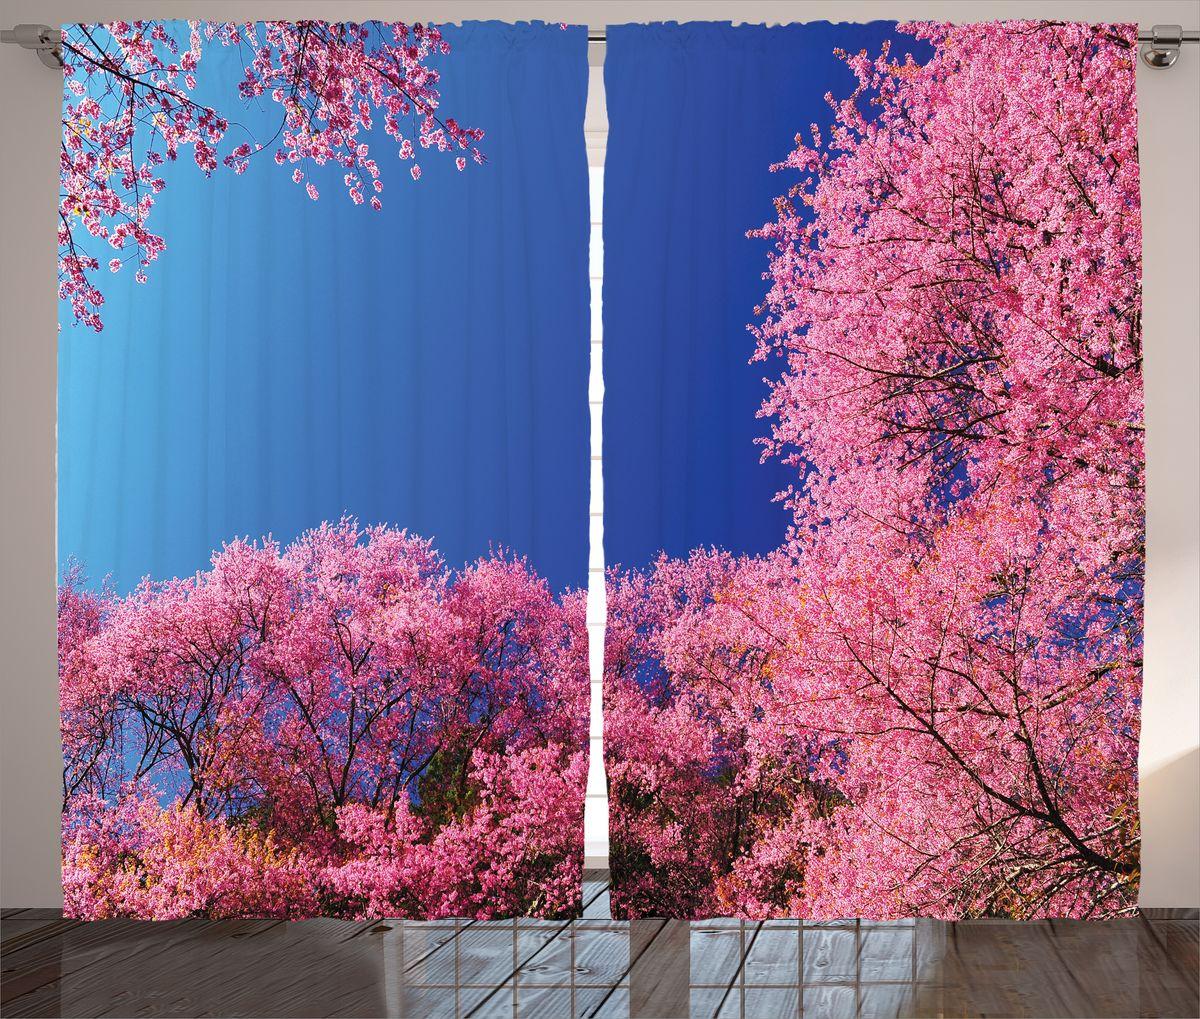 Комплект фотоштор Magic Lady Розовый сад, на ленте, высота 265 см. шсг_17424CLP446Компания Сэмболь изготавливает шторы из высококачественного сатена (полиэстер 100%). При изготовлении используются специальные гипоаллергенные чернила для прямой печати по ткани, безопасные для человека и животных. Экологичность продукции Magic lady и безопасность для окружающей среды подтверждены сертификатом Oeko-Tex Standard 100. Крепление: крючки для крепления на шторной ленте (50 шт). Возможно крепление на трубу. Внимание! При нанесении сублимационной печати на ткань технологическим методом при температуре 240°С, возможно отклонение полученных размеров (указанных на этикетке и сайте) от стандартных на + - 3-5 см. Производитель старается максимально точно передать цвета изделия на фотографиях, однако искажения неизбежны и фактический цвет изделия может отличаться от воспринимаемого по фото. Обратите внимание! Шторы изготовлены из полиэстра сатенового переплетения, а не из сатина (хлопок). Размер одного полотна шторы: 145х265 см. В комплекте 2 полотна шторы и 50 крючков.